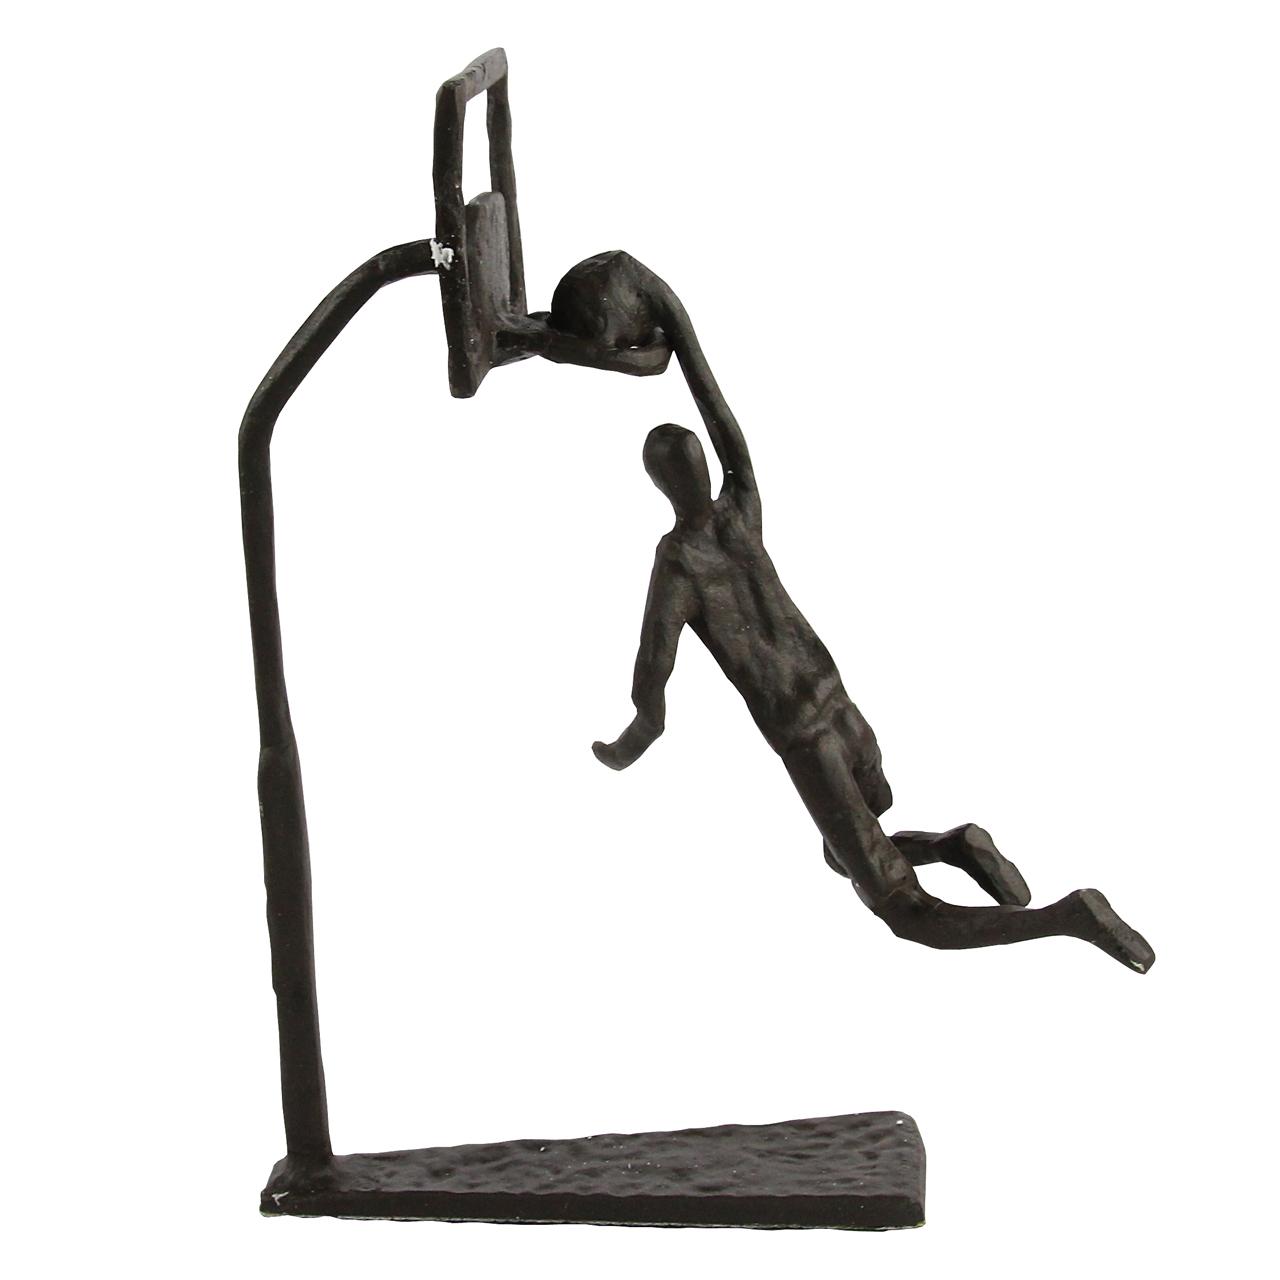 Statueta Baschetbalist Din Metal Negru